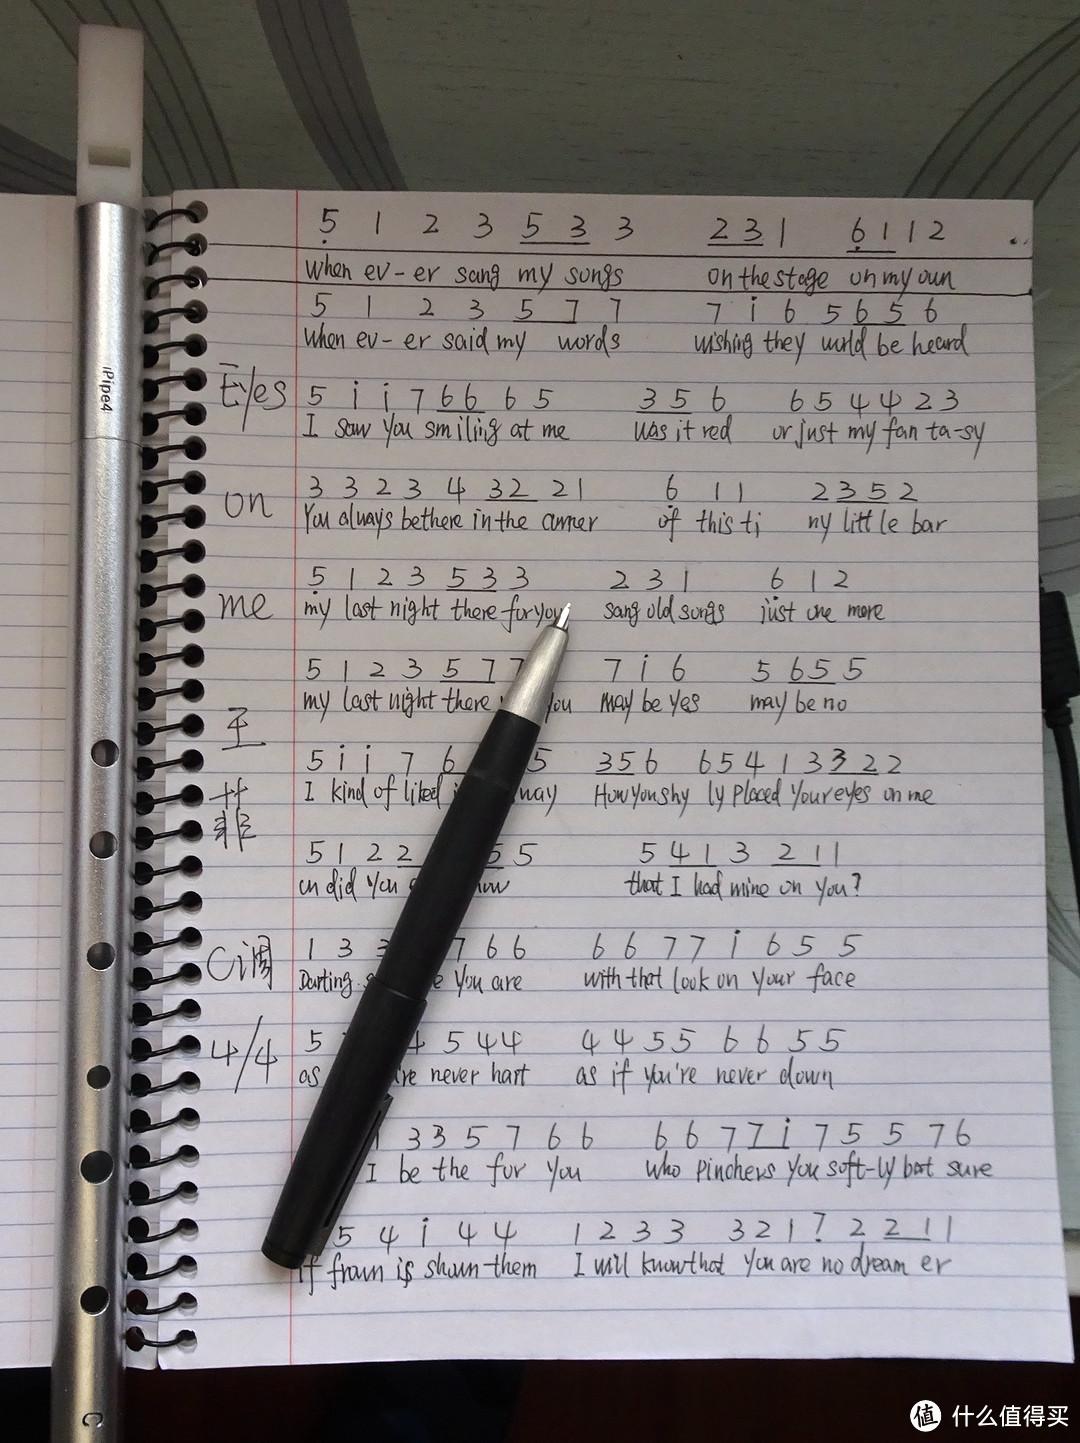 大龄文艺男青年之歌:口琴&哨笛 科普,附演奏视频